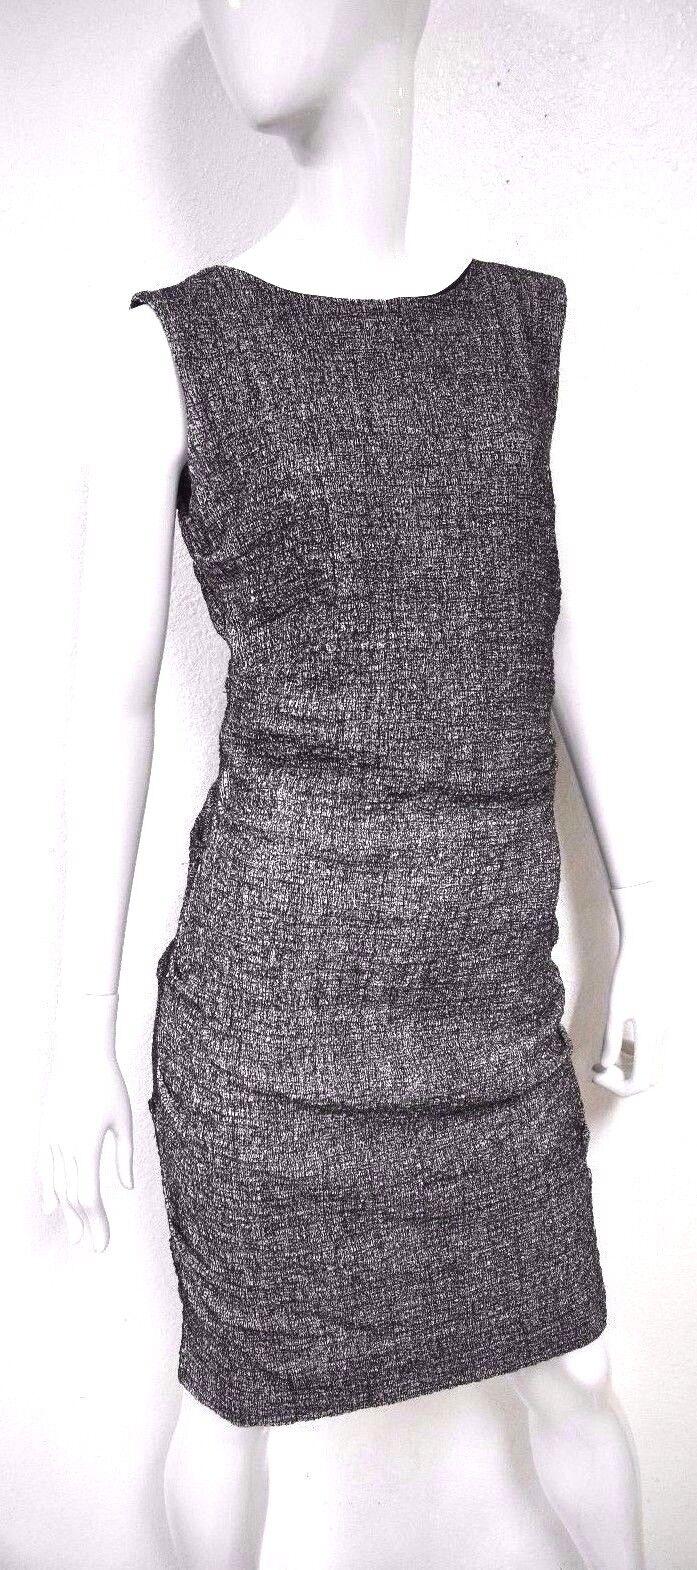 Nicole Miller Damen Meliert Shift Schwarz Weiß Ärmellos U-Stiefel-Ausschnitt Kleid